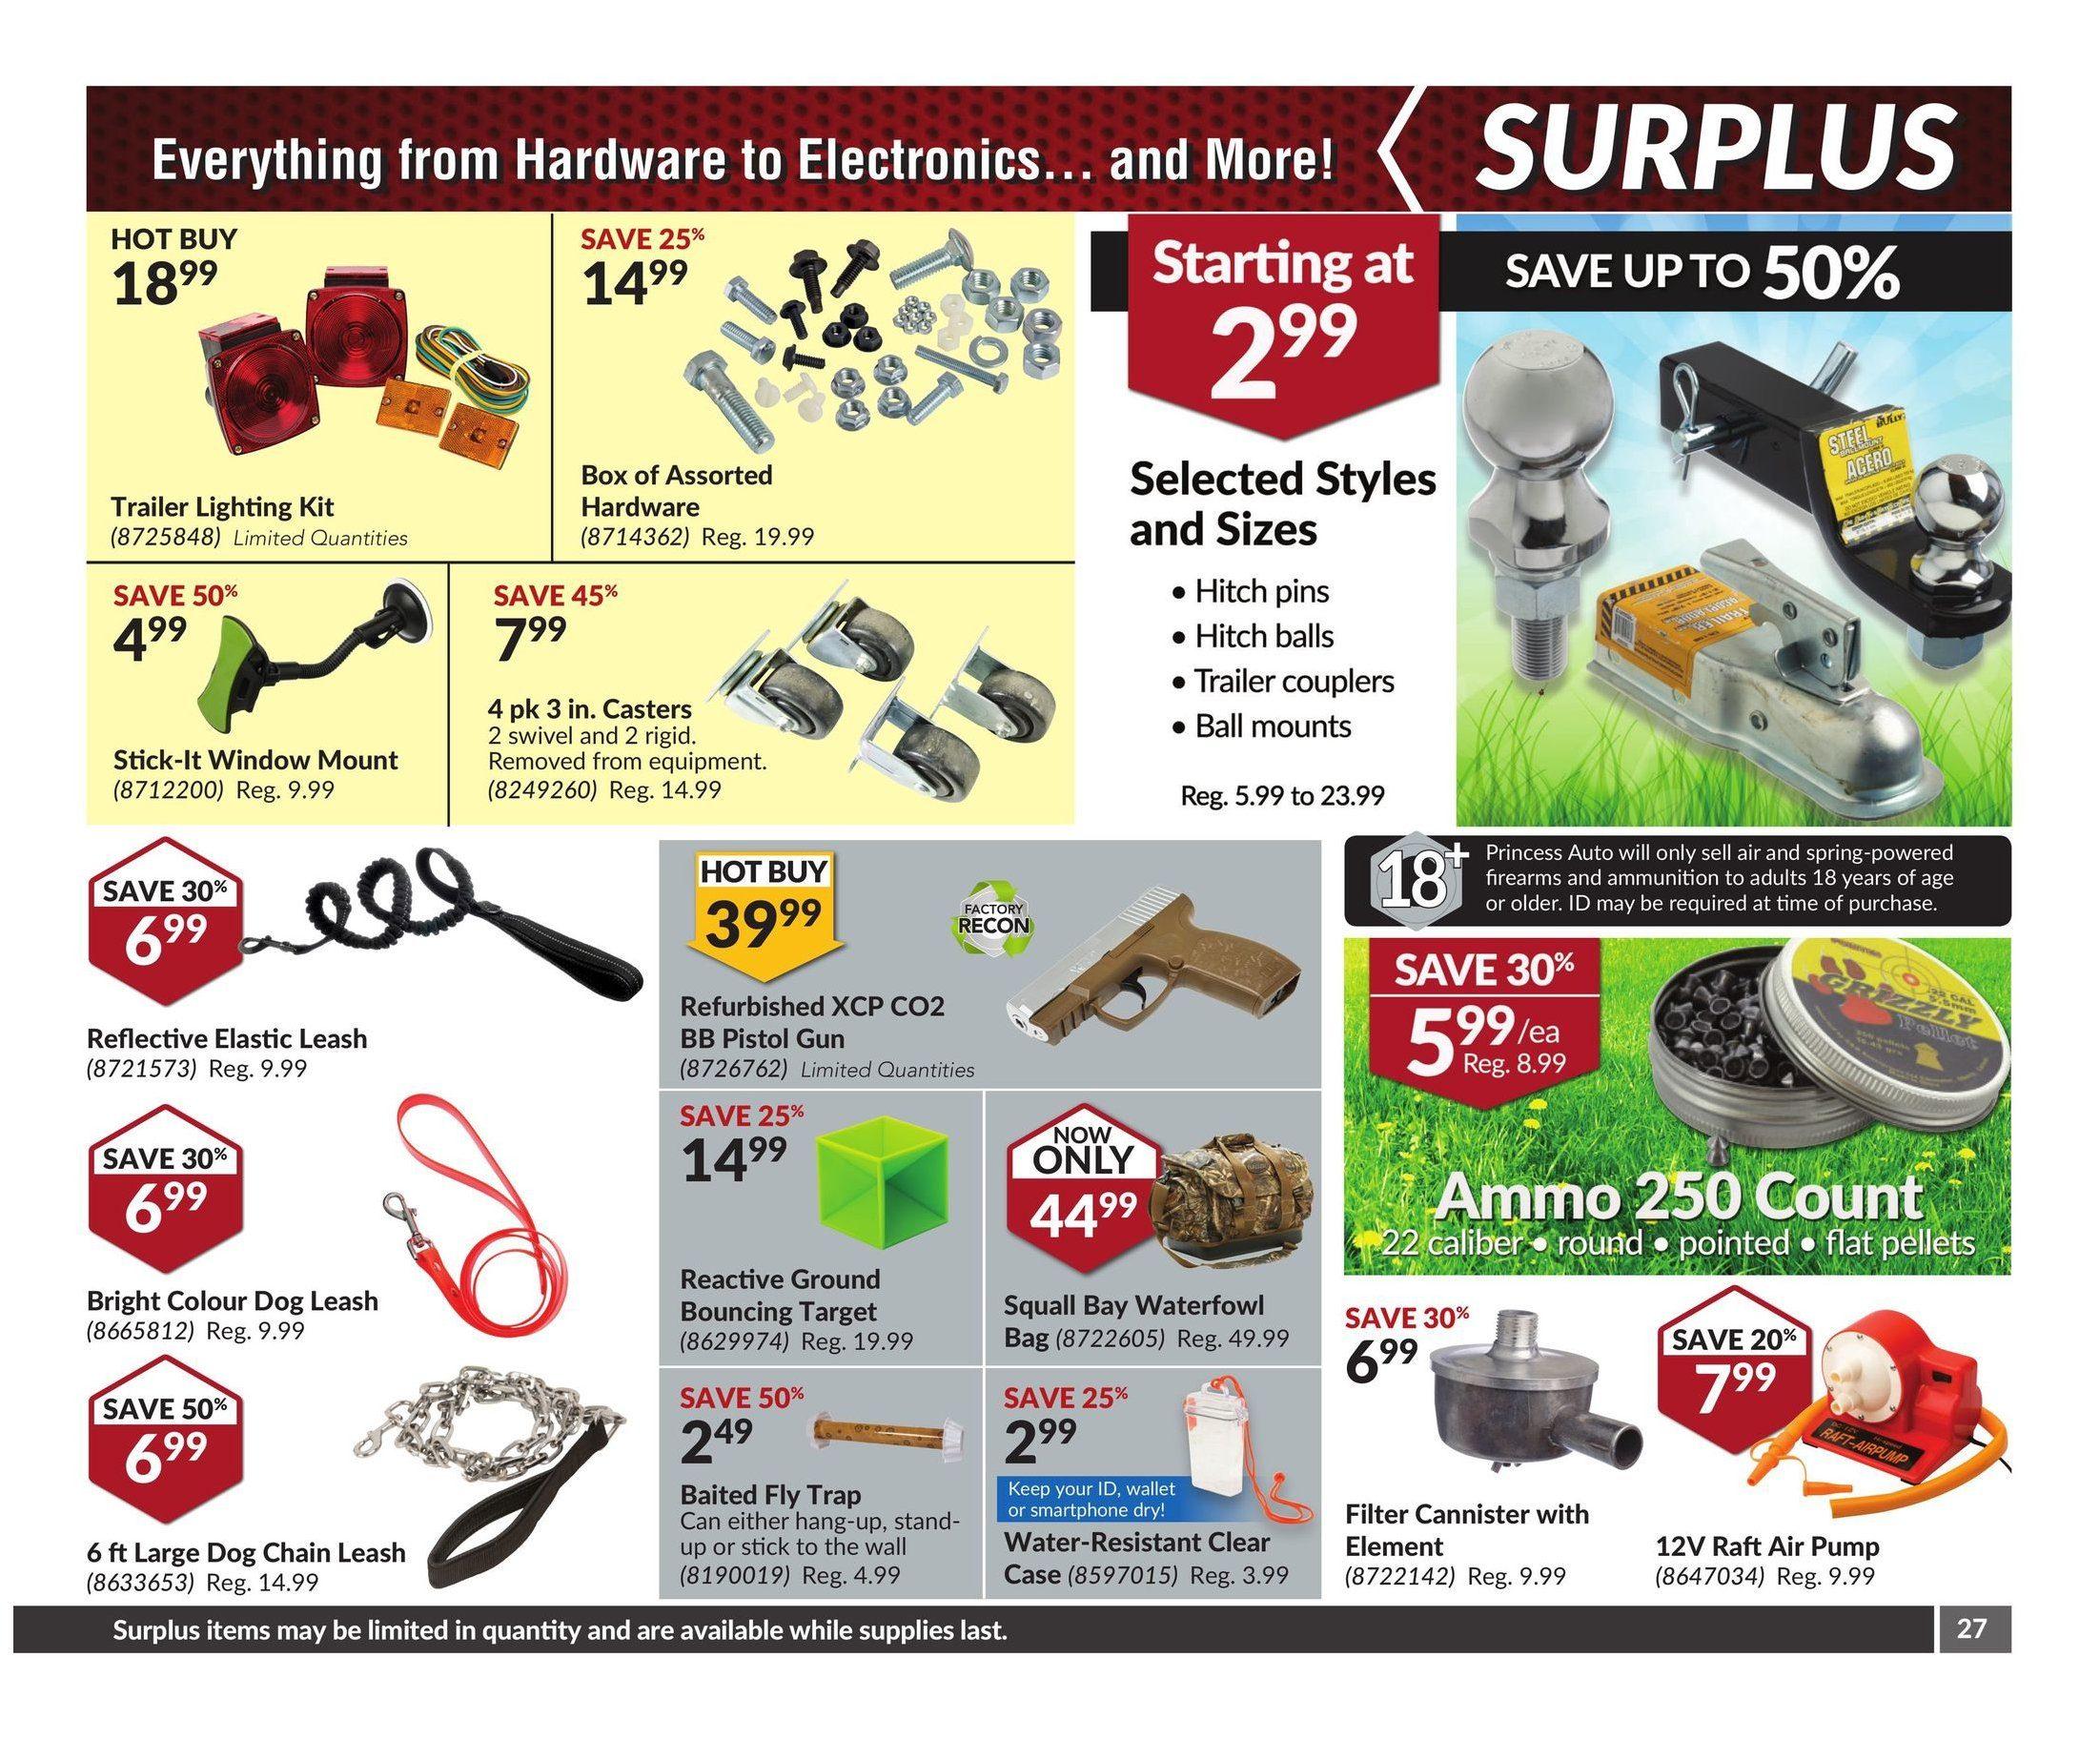 Princess Auto Weekly Flyer Sunny Spring Savings May 2 – 14